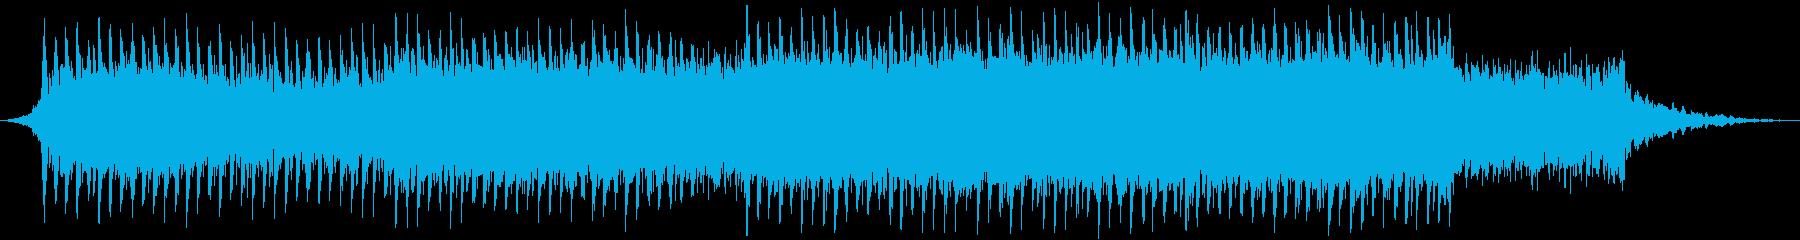 企業VP系100、爽やかギター4つ打ちbの再生済みの波形